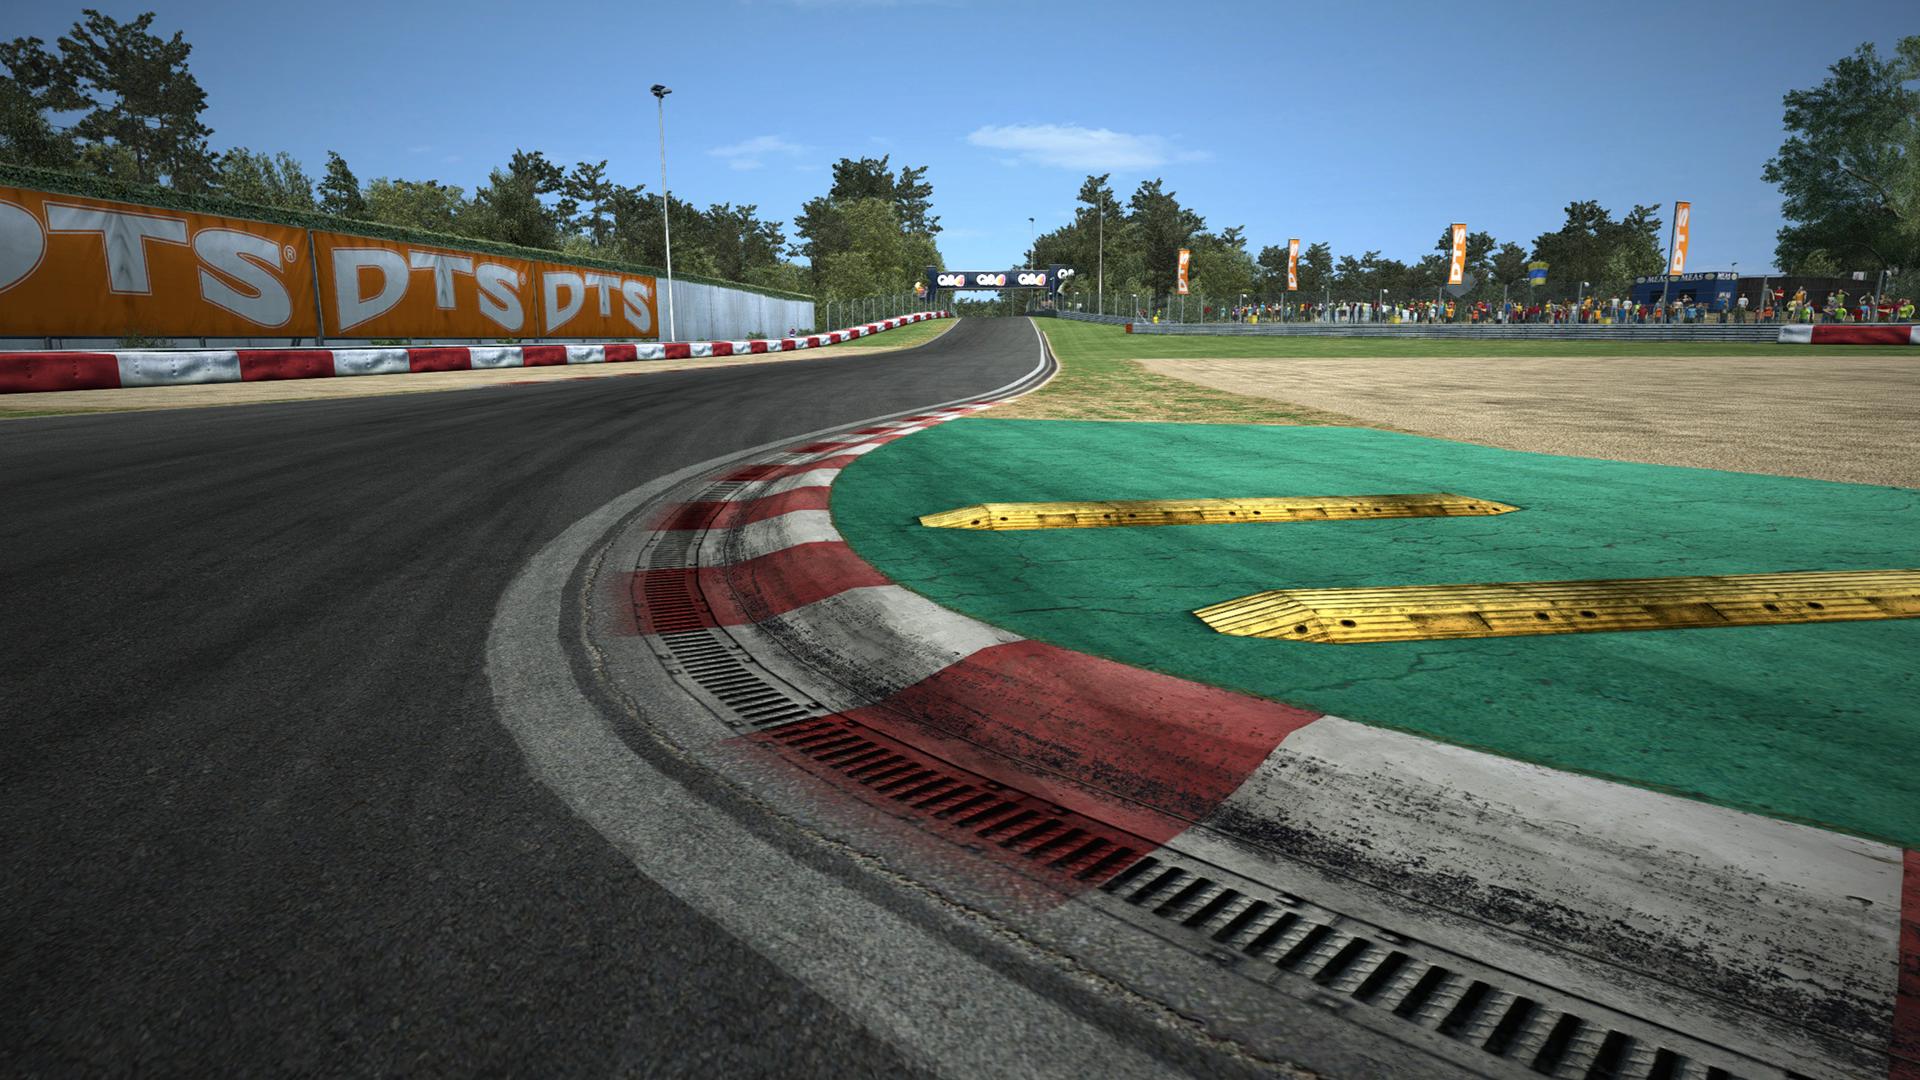 Circuit zolder store raceroom racing experience